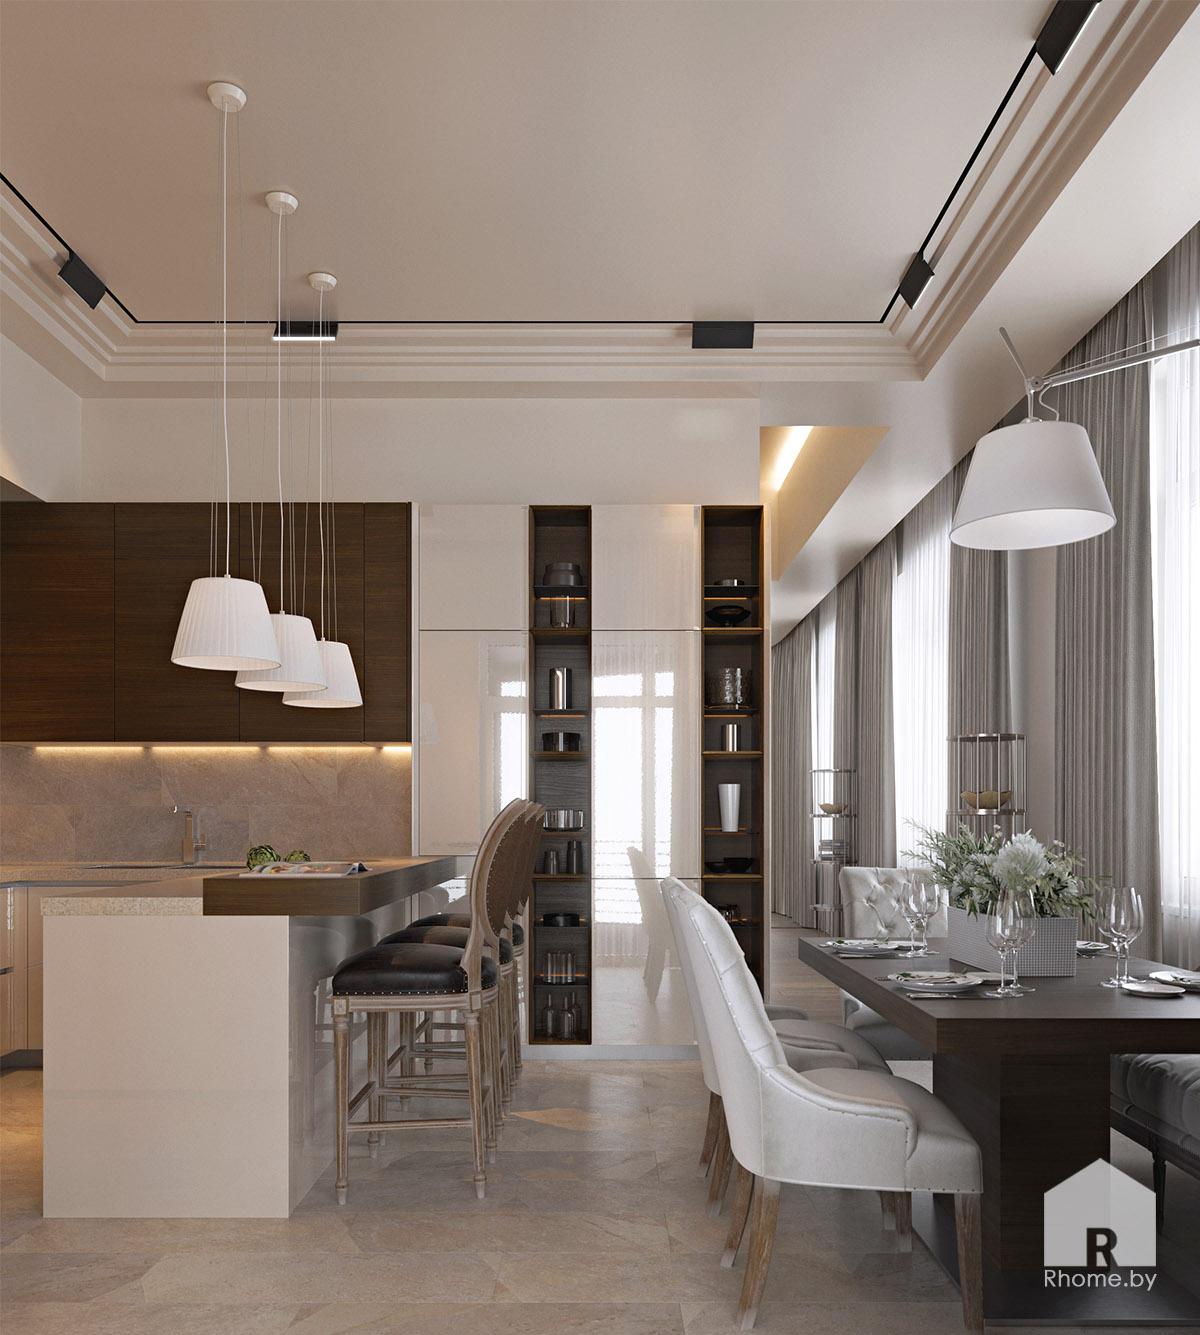 Дизайн интерьера кухни в Березовой роще | Дизайн студия – Rhome.by